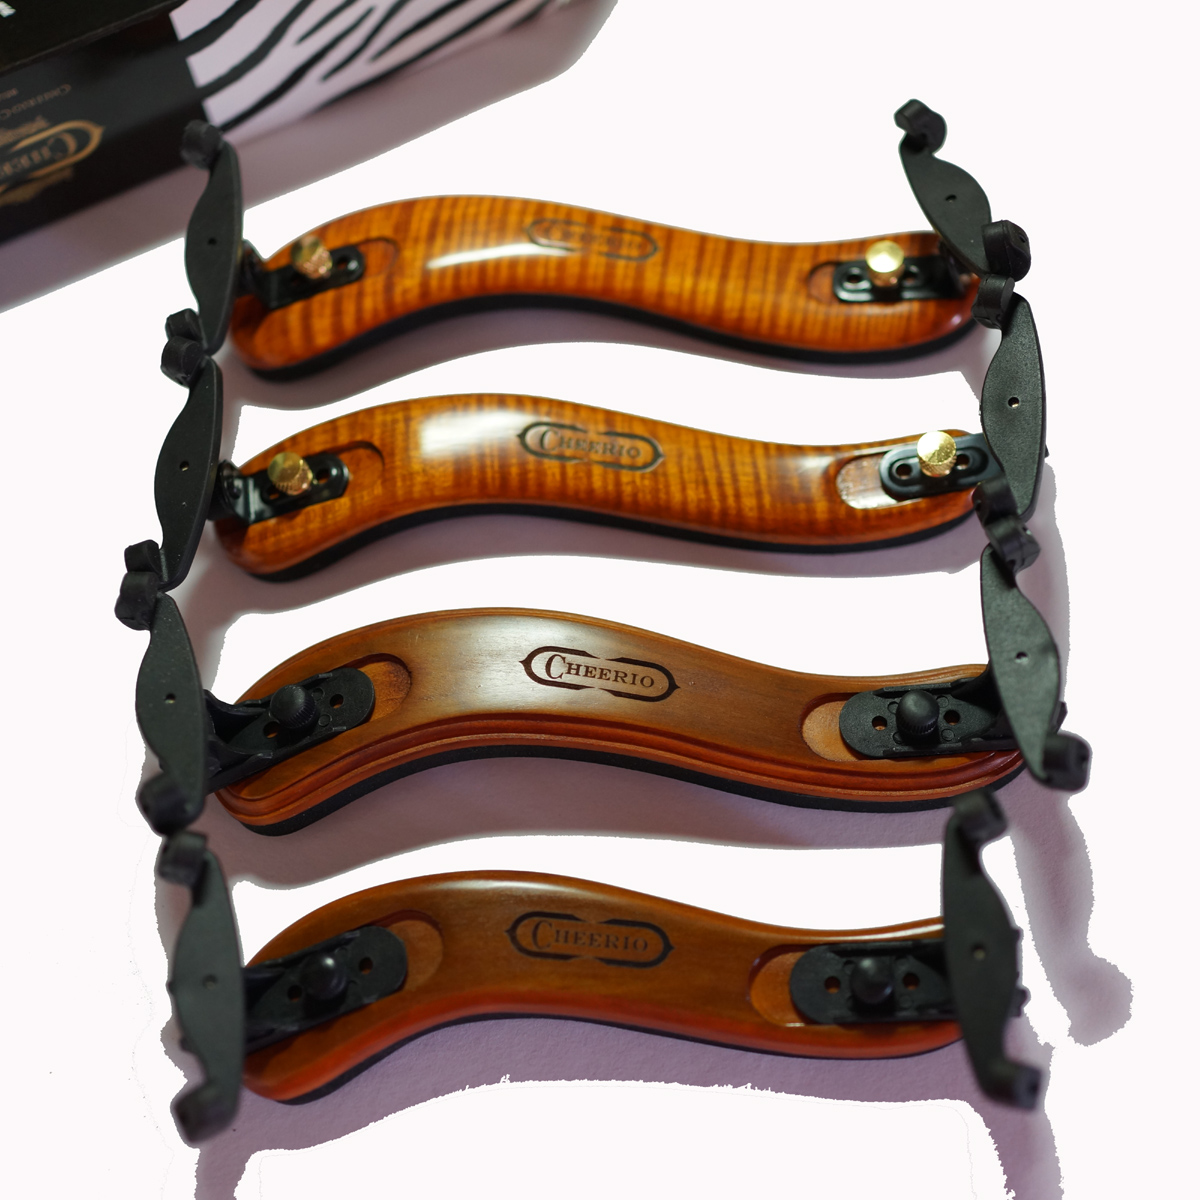 Импорт клен скрипка плечо уход 1/2 1/4 3/4/4 дерево плечо подушка скрипка подушка плечо регулируемые гусли уход